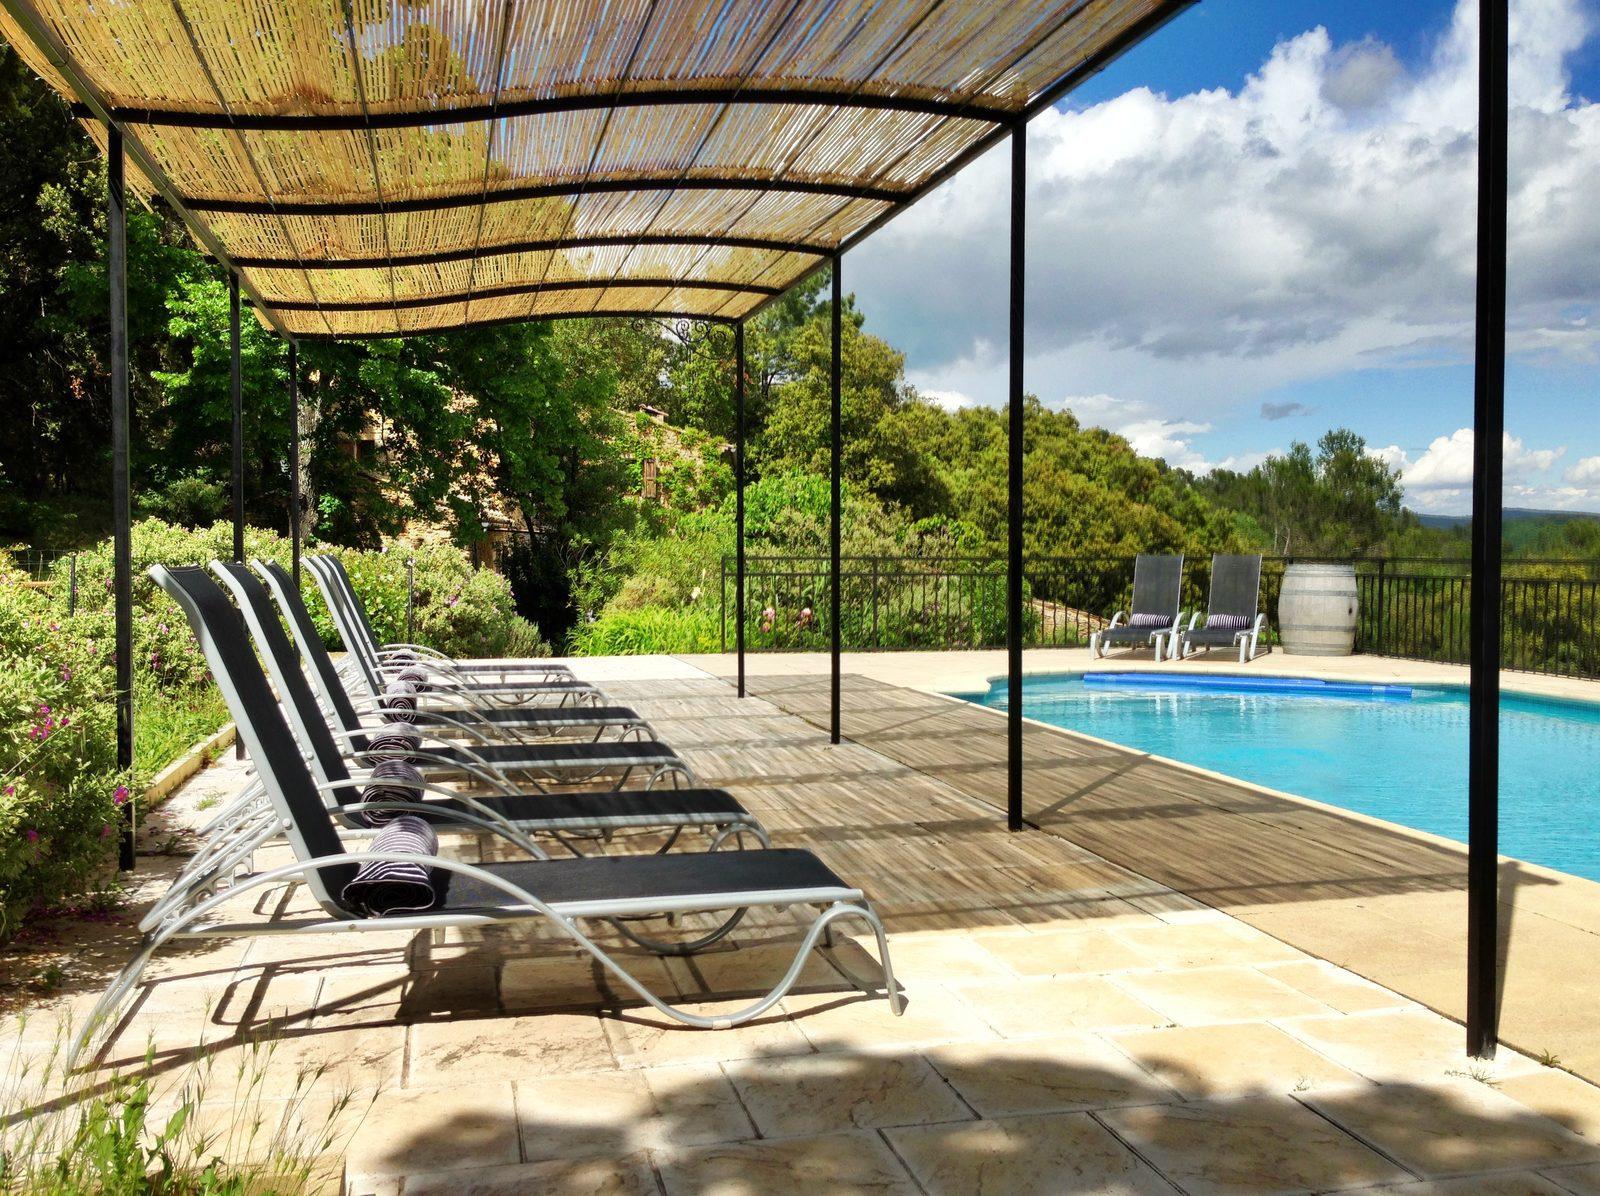 Frankrijk, Languedoc Roussillon, Goudargues, Gard, glamping, kleinschalig, luxe, sfeer, safaritenten